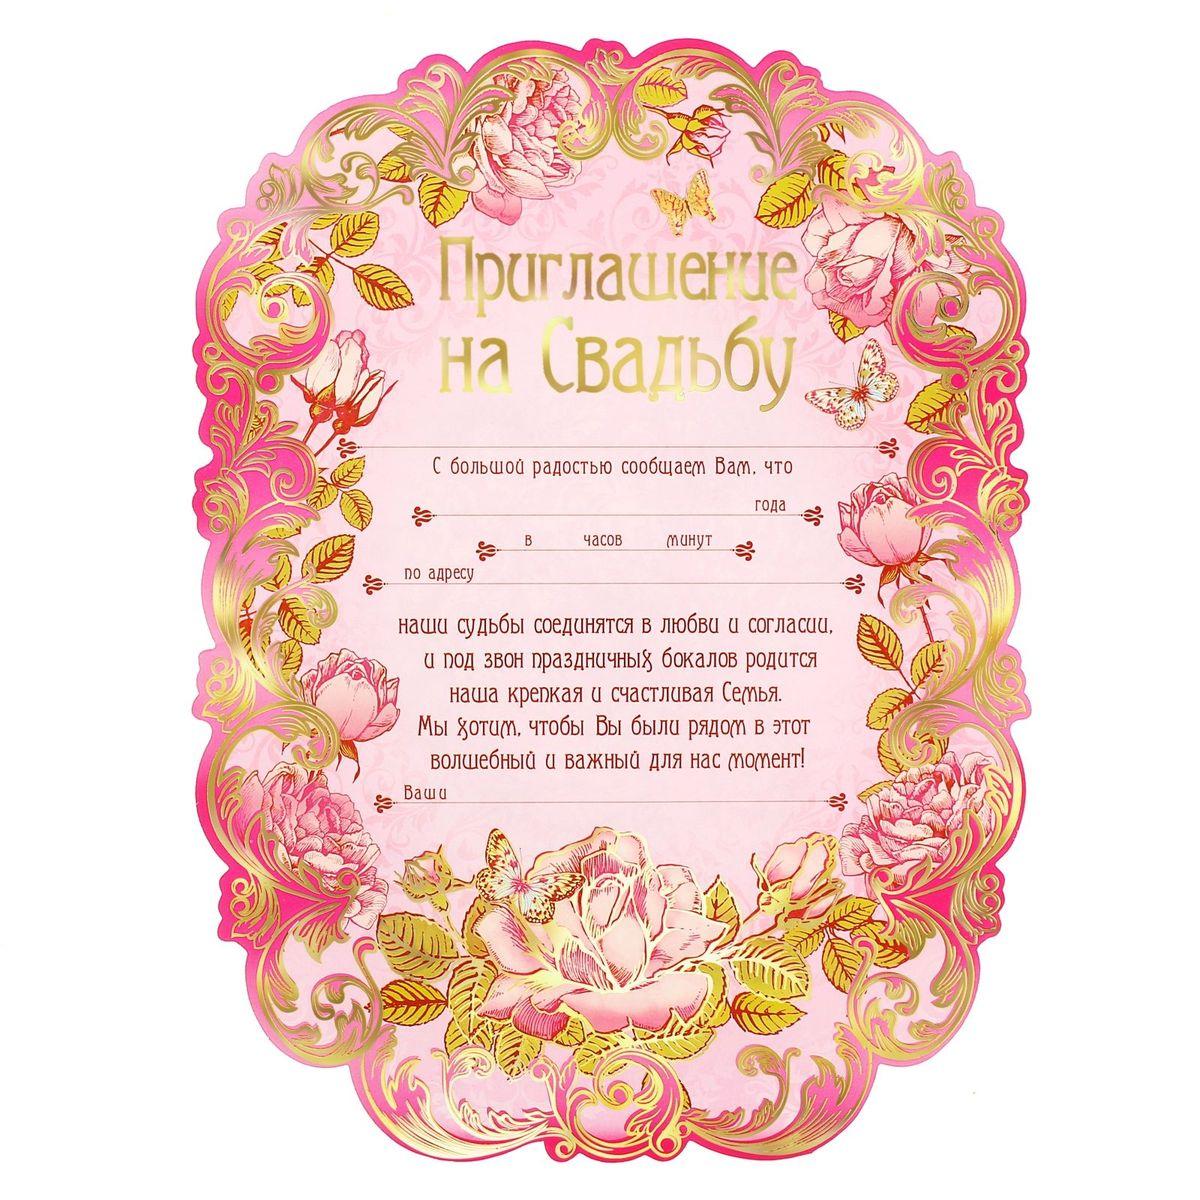 Приглашение на свадьбу Sima-land Розы, 17 х 23,5 см143340Традиции свадебного обряда уходят корнями в далекое прошлое, когда многие важные документы, приказы, указы, послания передавались в форме свитков. Добавить оригинальность и показать верность традициям поможет свадебное приглашение-свиток Sima-land Розы. В комплект входит элегантная лента, которая дополнительно украсит и скрепит свиток. Розовая палитра, традиционные свадебные мотивы и орнамент подойдут к любому стилю, в котором планируется оформить свадьбу. Внутри свитка - текст приглашения с теплыми словами для адресата. Вам остается заполнить необходимые строки и раздать гостям. Устройте себе незабываемую свадьбу!